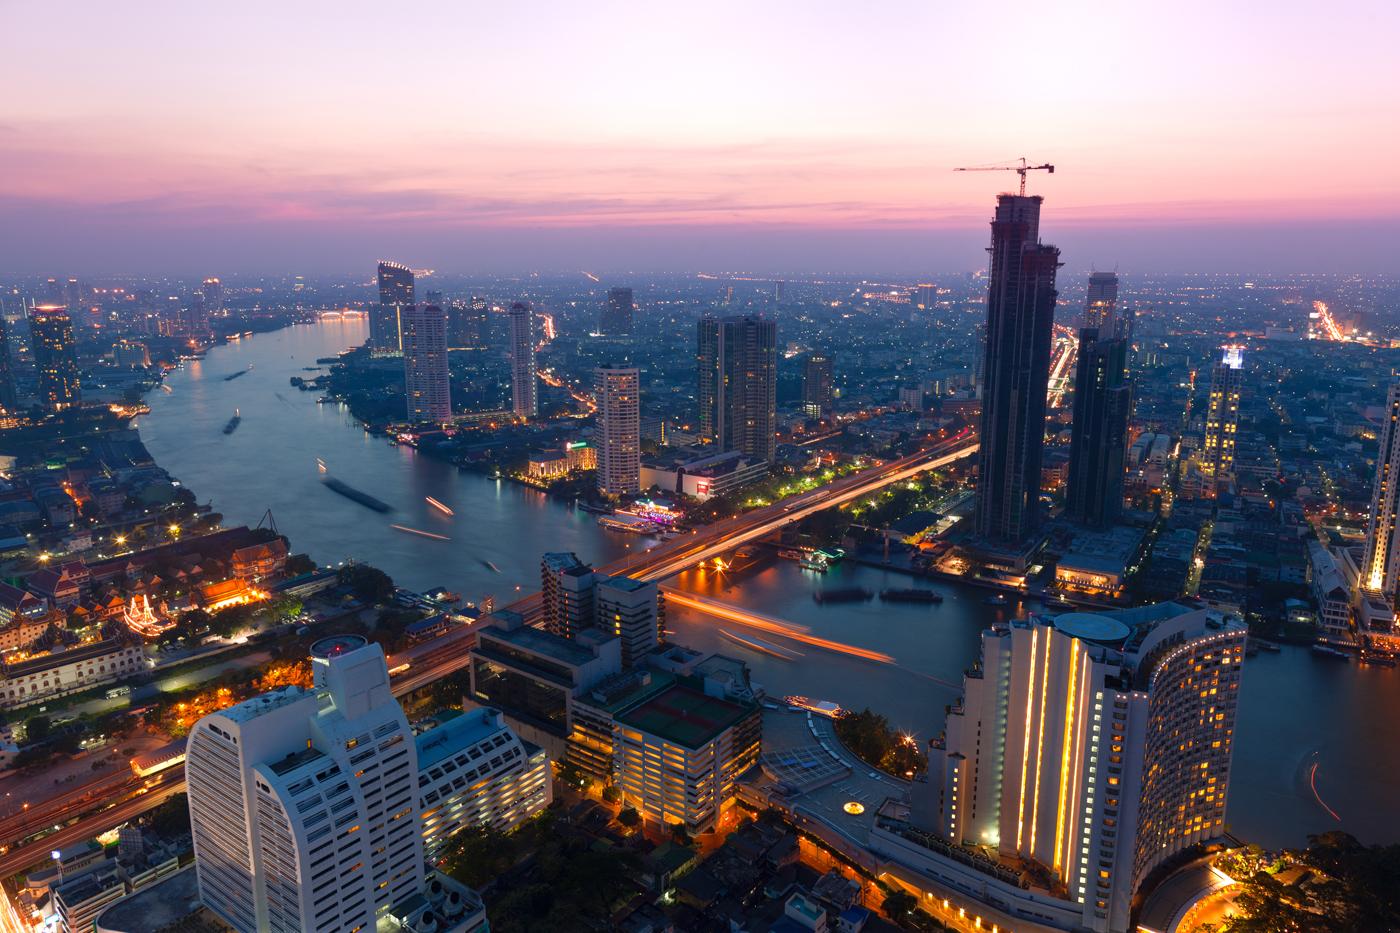 OCSDNet 2016 Network Meeting in Bangkok